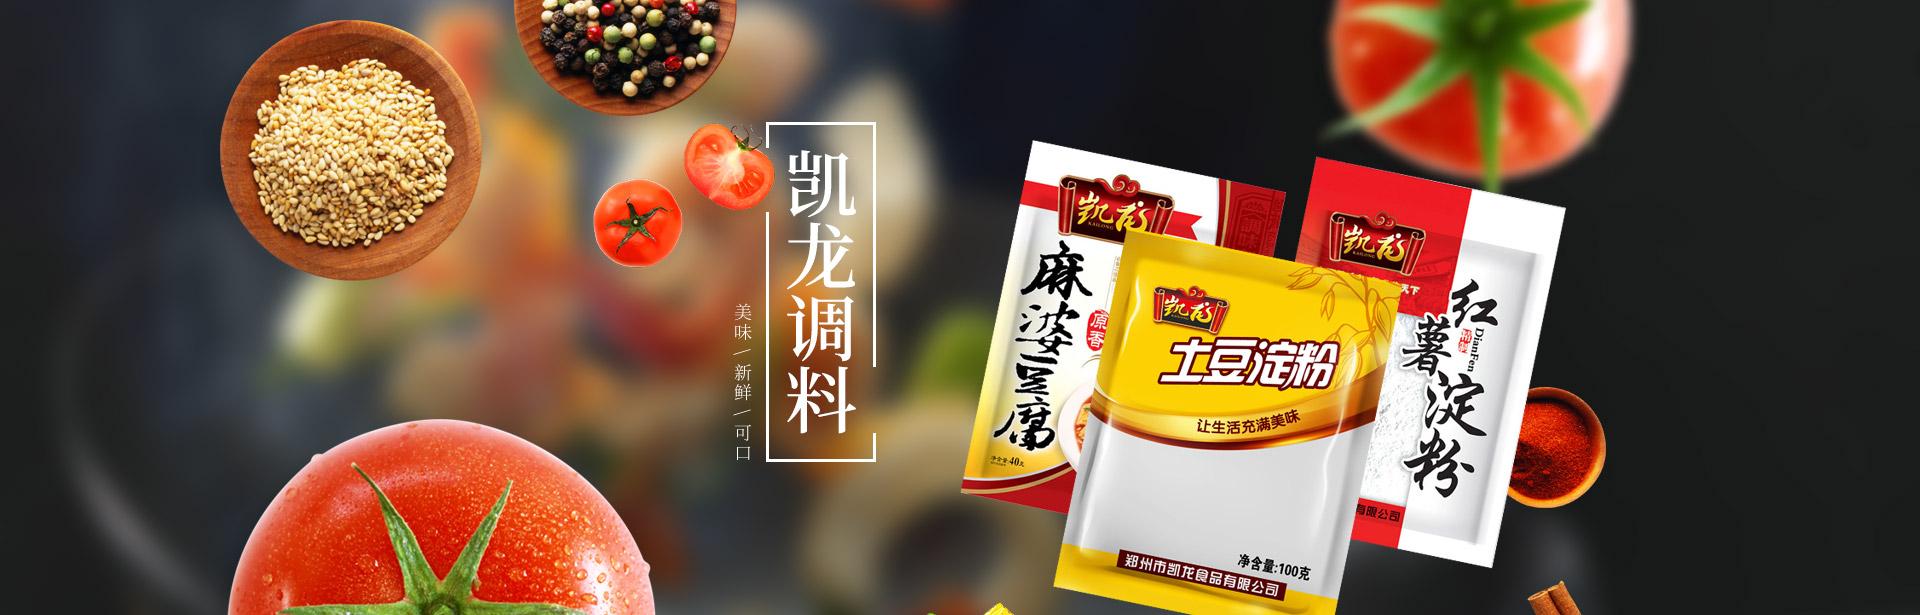 河南调味料|河南调味料厂家|河南调味料生产厂家